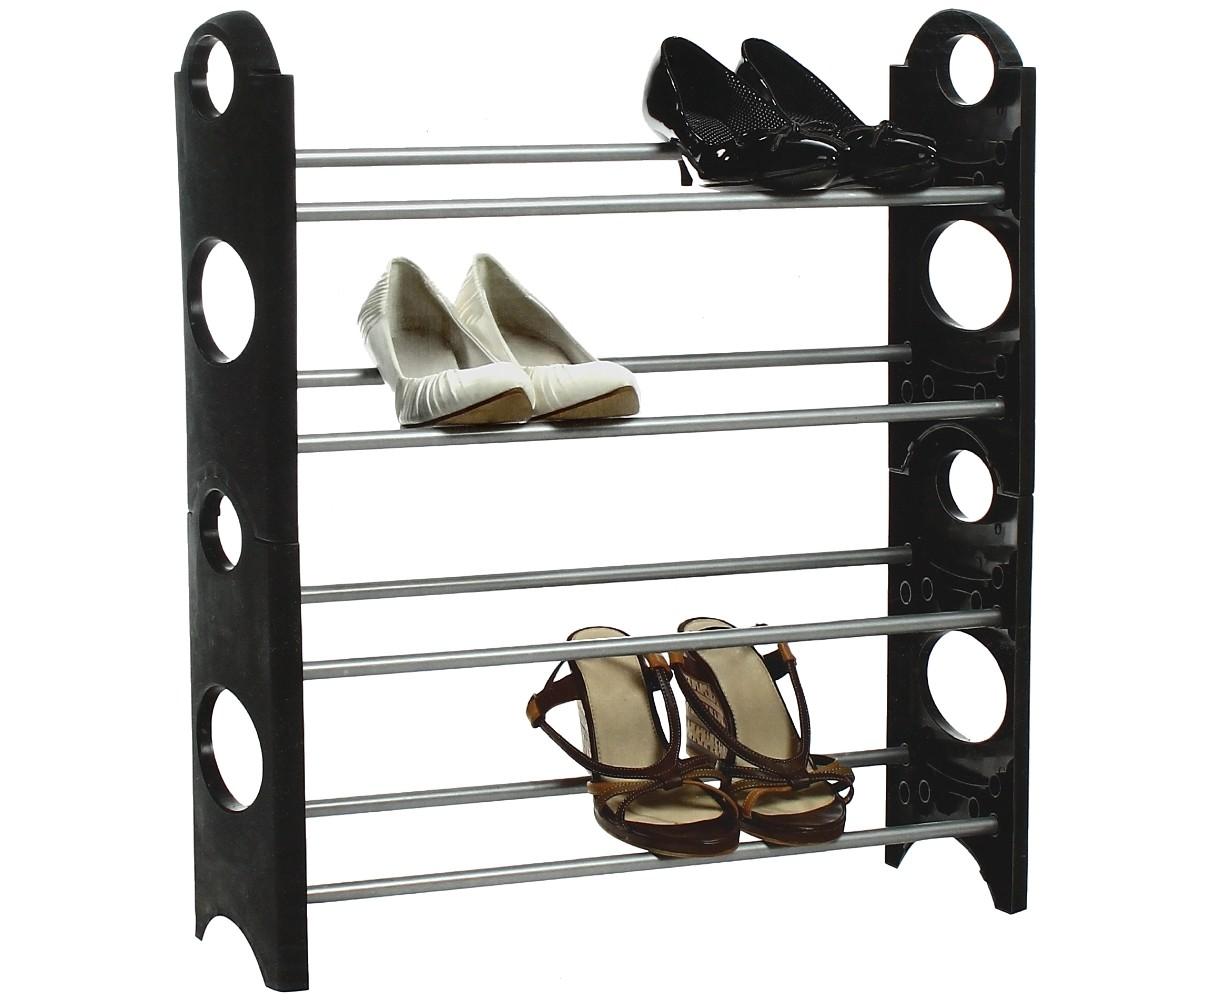 articles maison rangement pratiques et utiles pour gagner de la place. Black Bedroom Furniture Sets. Home Design Ideas